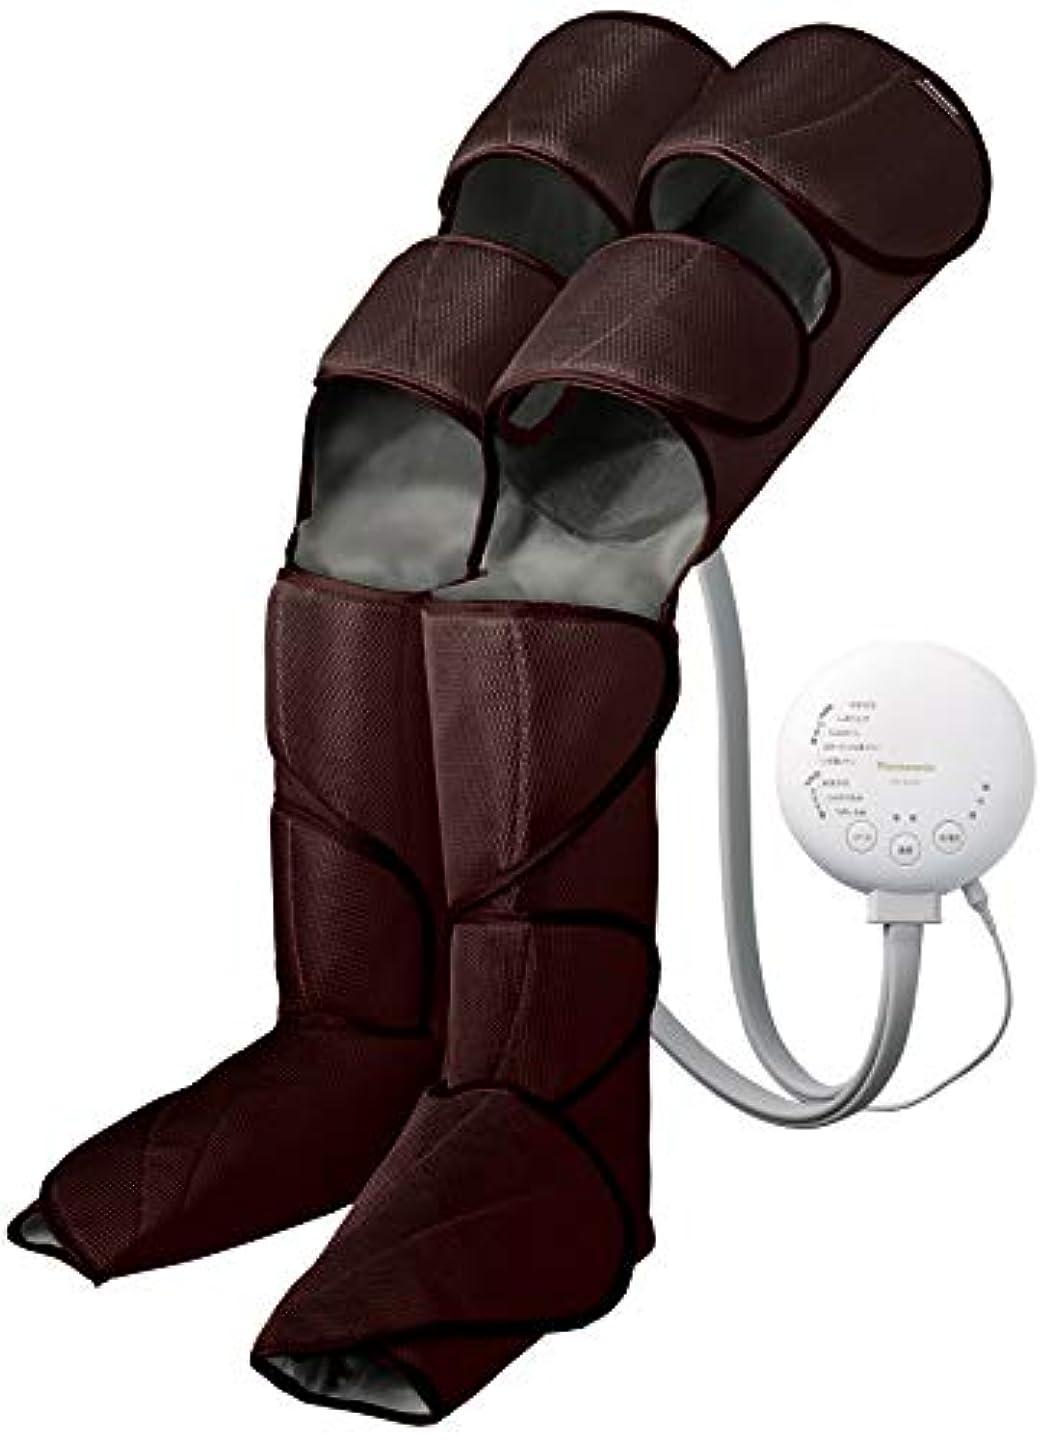 保全思いつくスカートパナソニック エアーマッサージャー レッグリフレ ひざ/太もも巻き対応 温感機能搭載 ダークブラウン EW-RA98-T